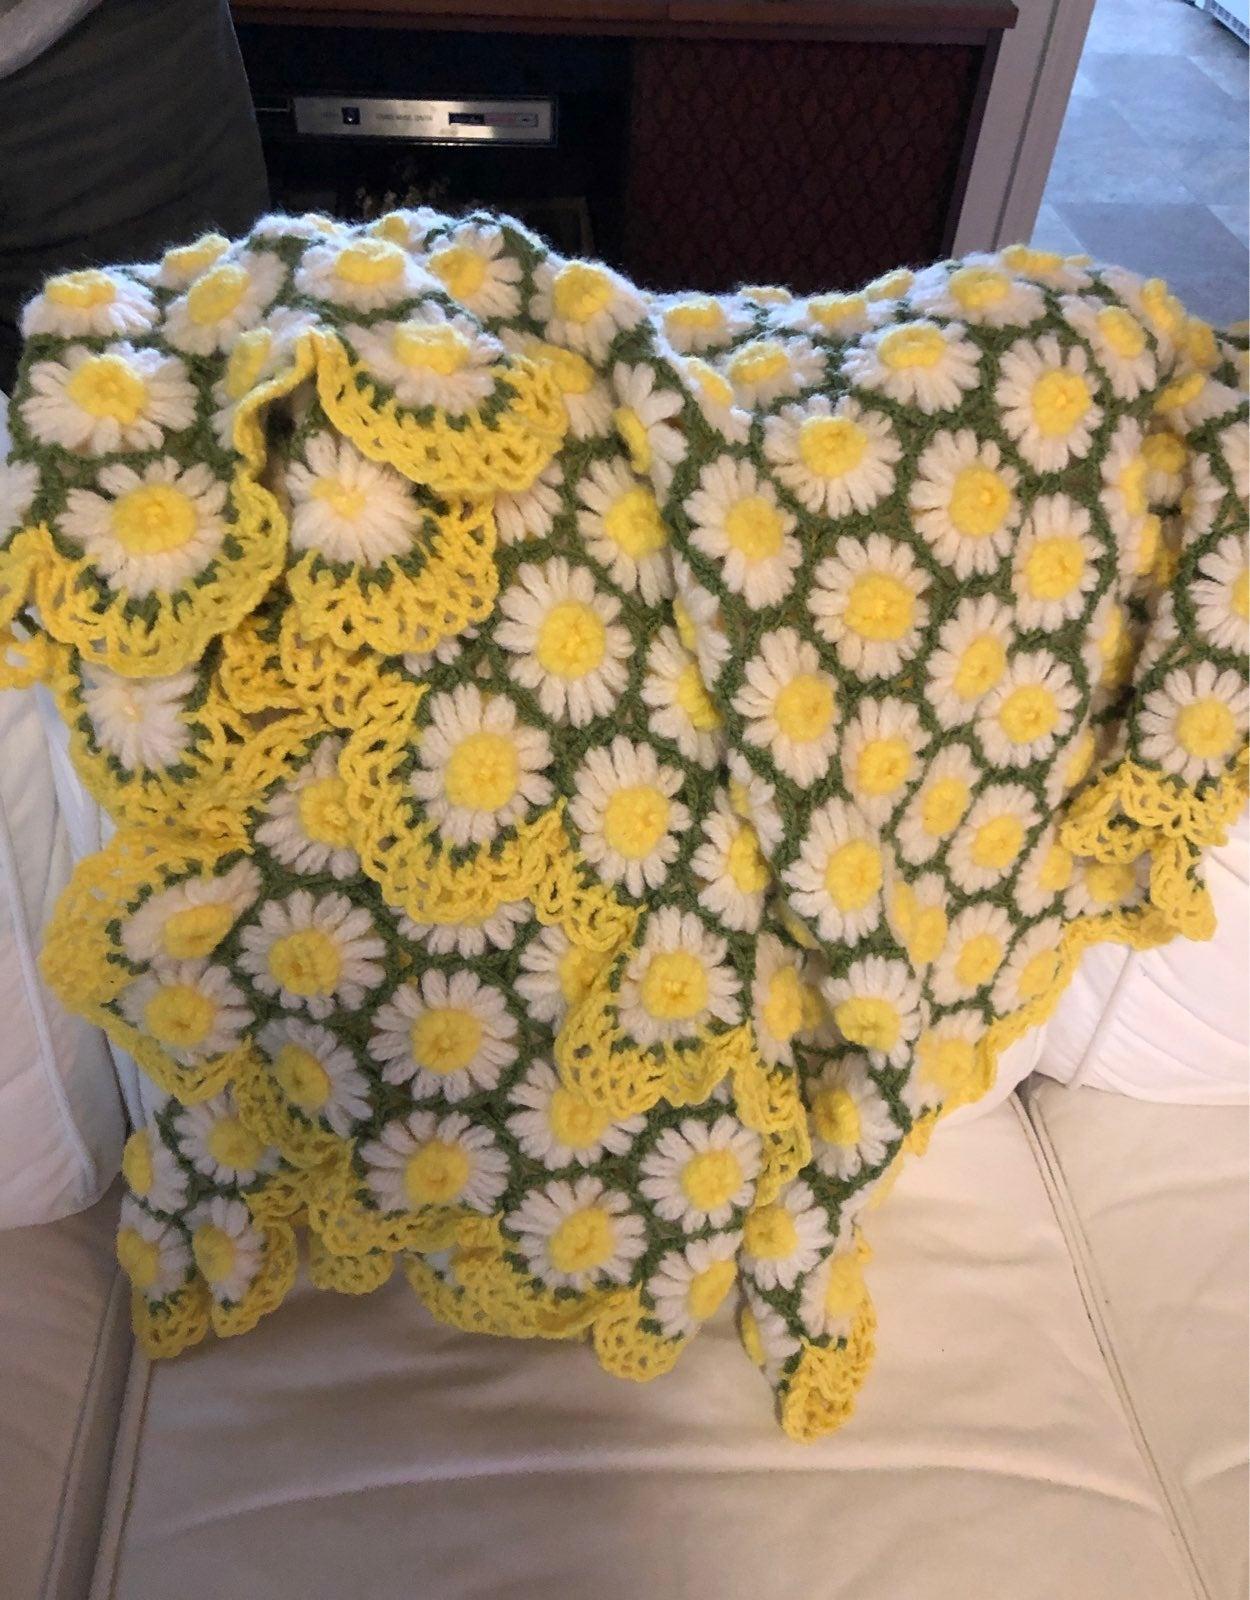 Handmade crocheted daisy afghan